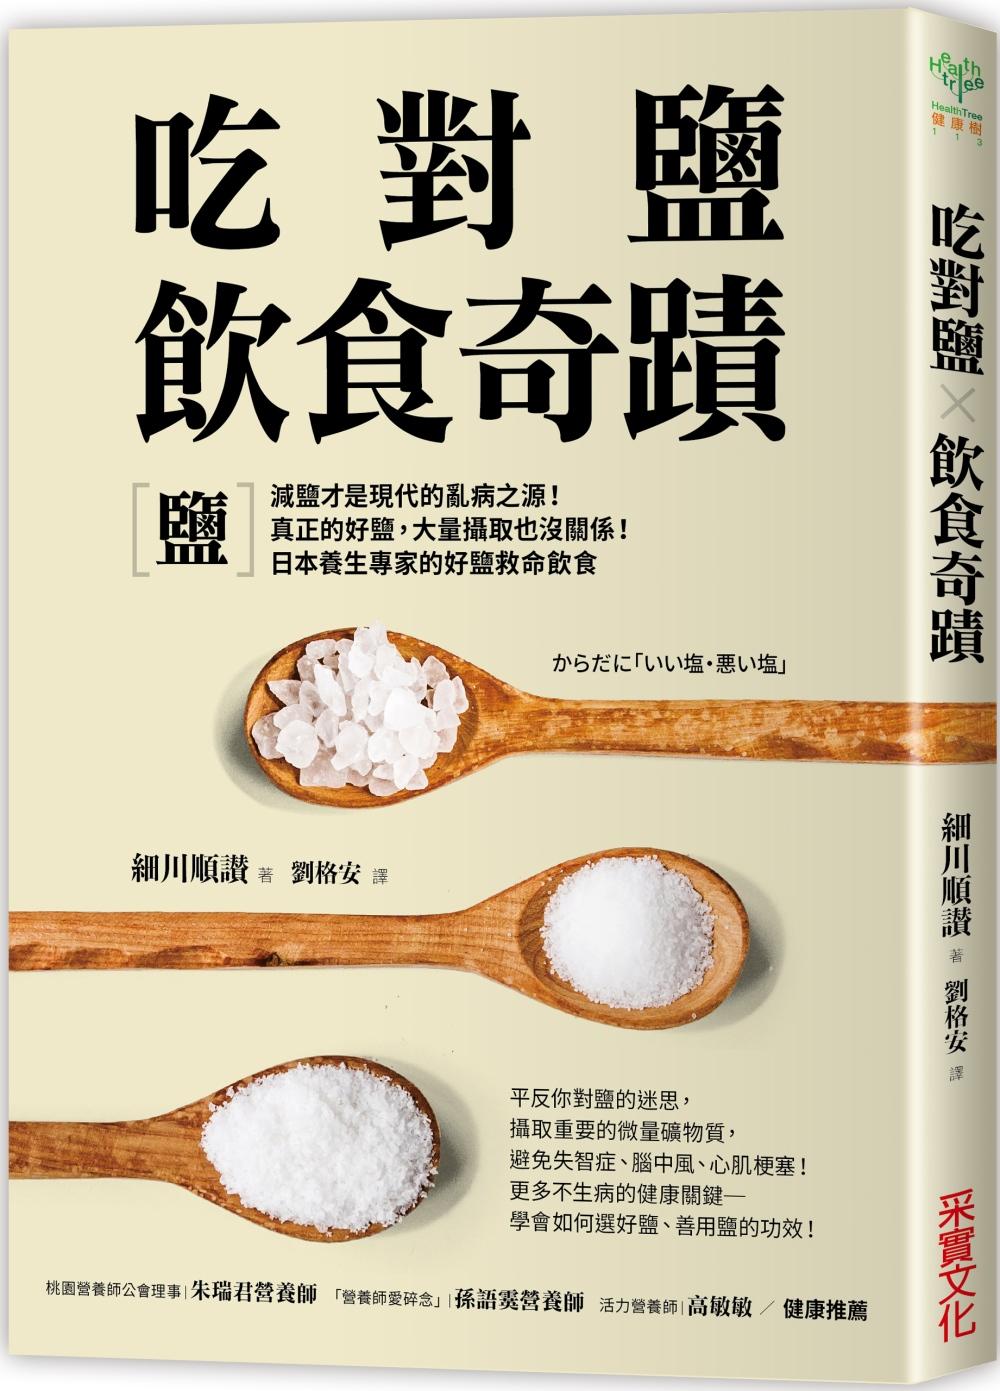 ◤博客來BOOKS◢ 暢銷書榜《推薦》吃對鹽飲食奇蹟:減鹽才是現代的亂病之源!真正的好鹽,大量攝取也沒關係!日本養生專家的好鹽救命飲食